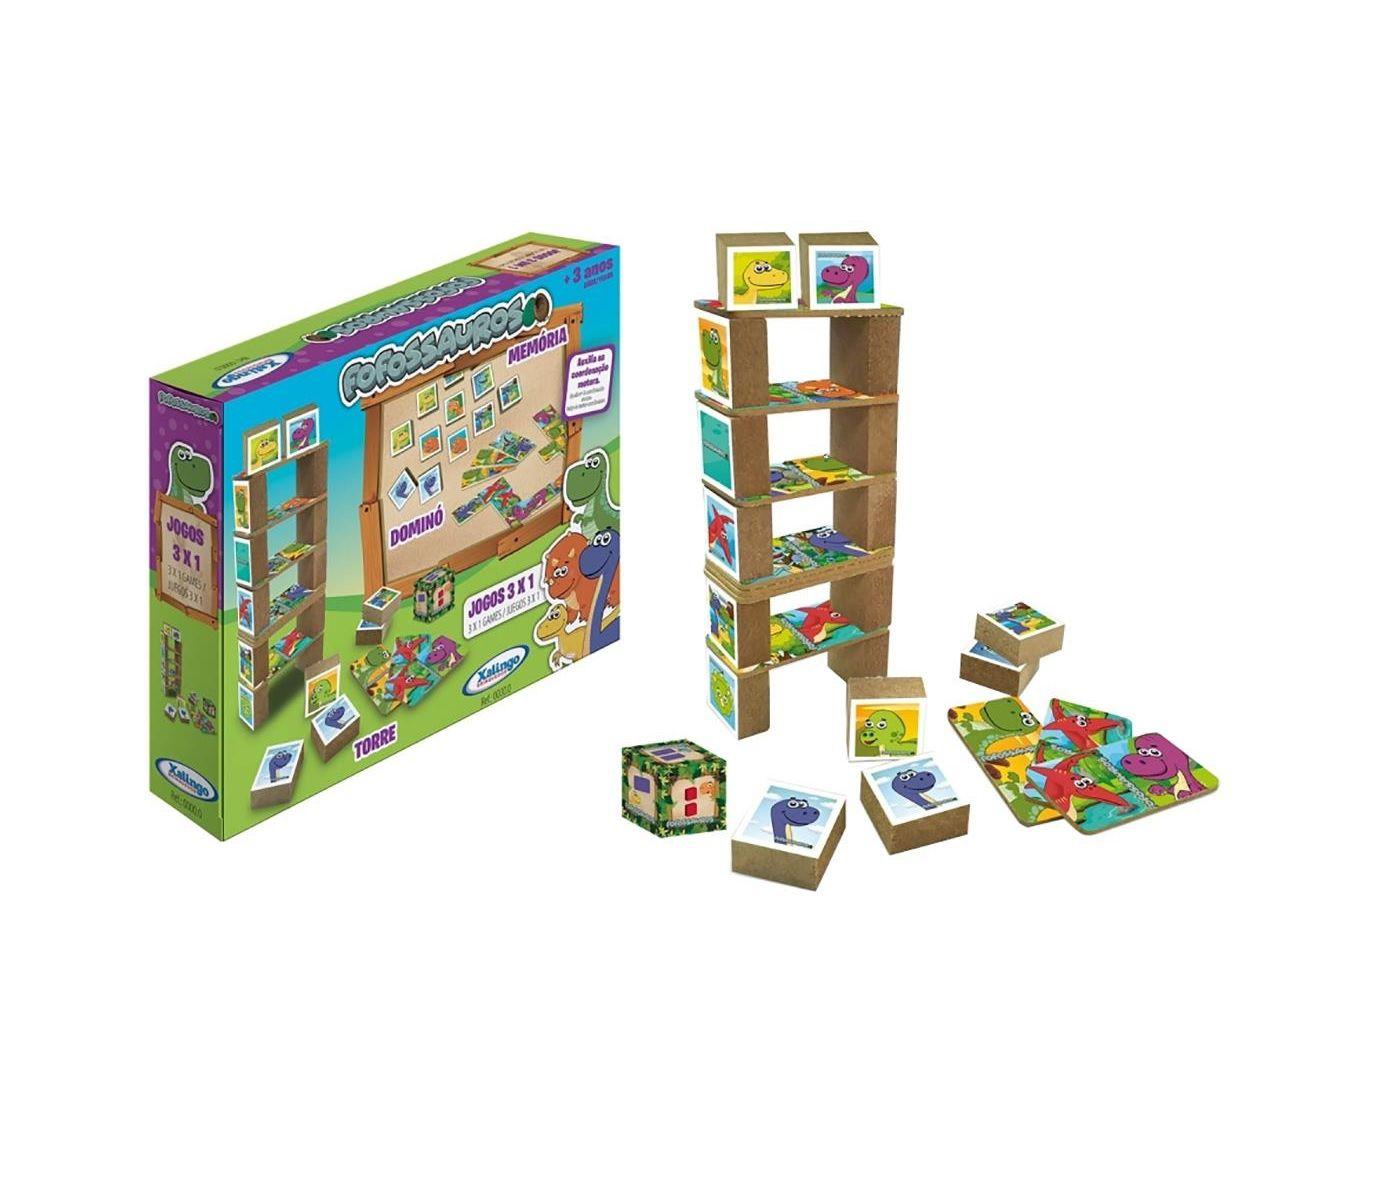 Jogo 3 em 1 Dominó, Memória e Torre de Madeira Fofossauros - Xalingo